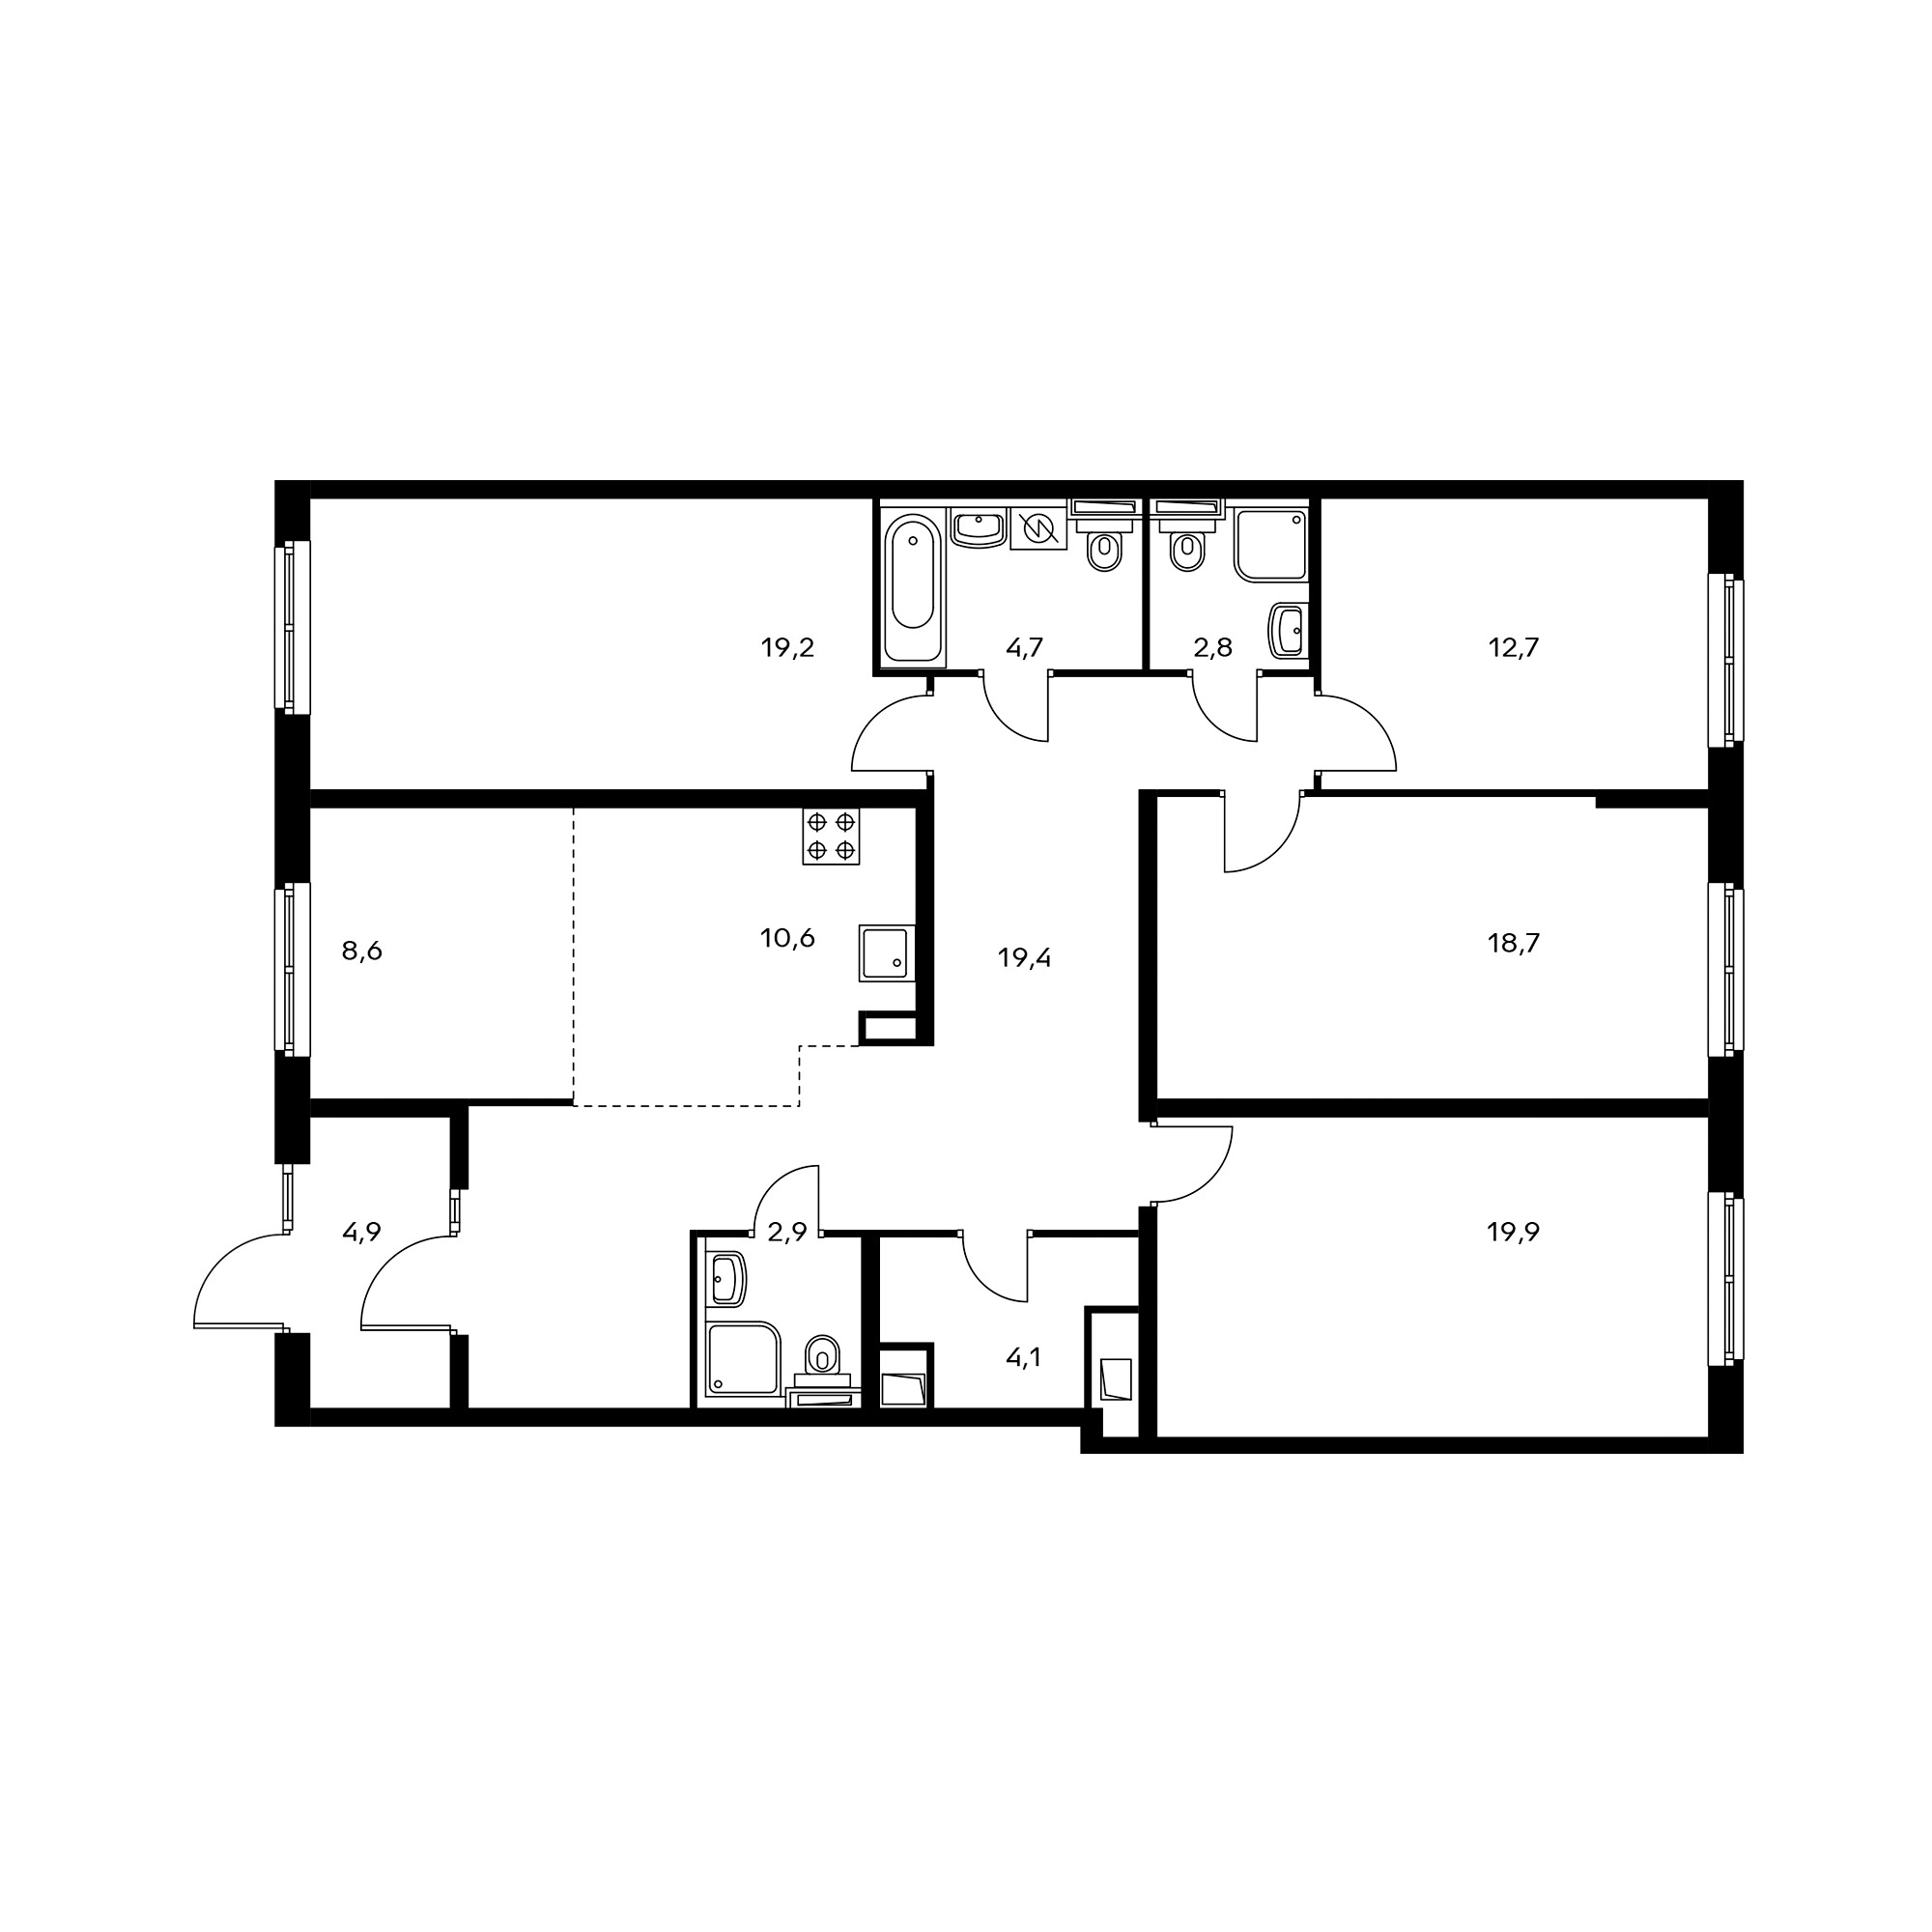 5-комнатная 136.1 м²